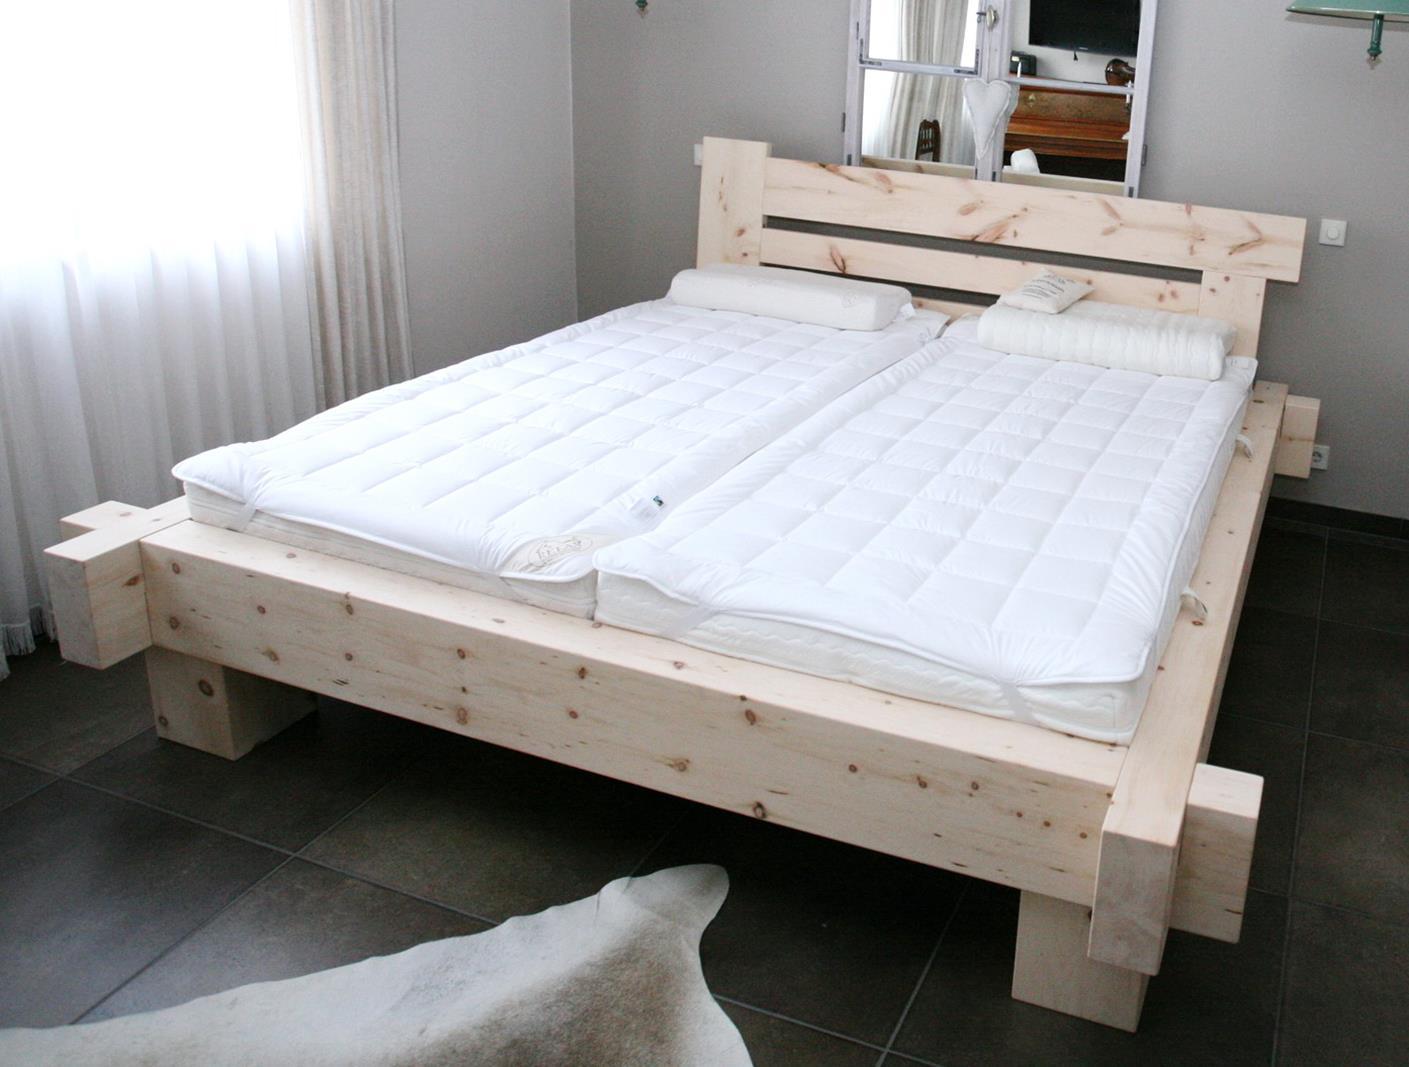 Balkenbett zirbe  Zirbenholz - für bessere Gesundheit - bei der Schreinerei Burkhardt